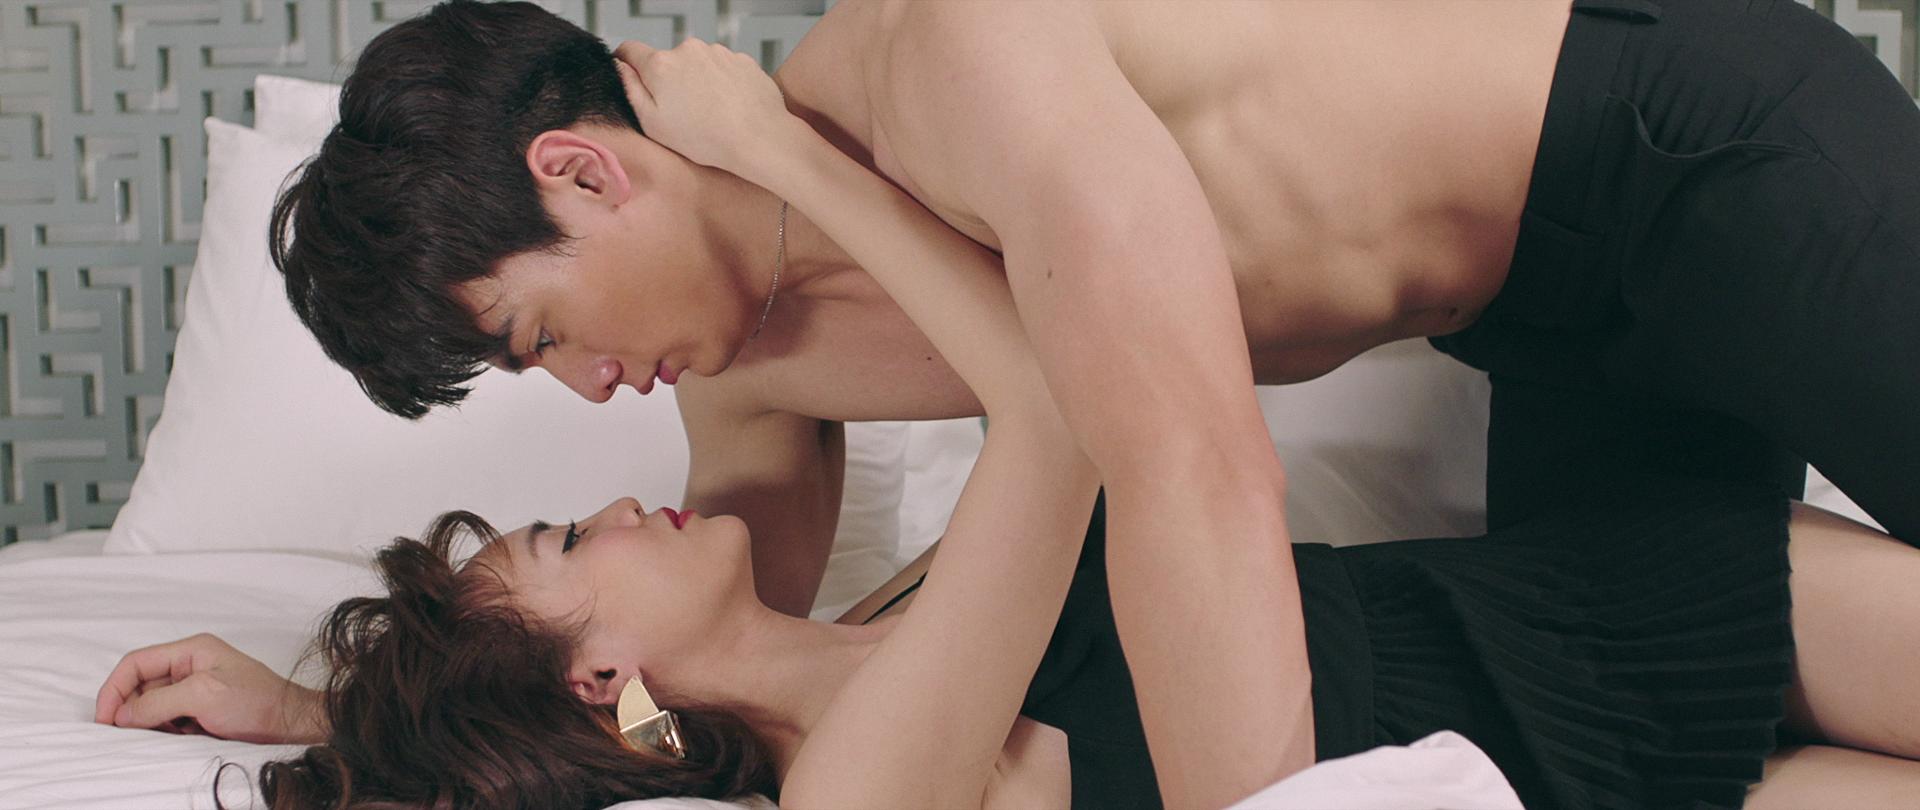 Gái Già Lắm Chiêu 2 tung trailer, Ninh Dương Lan Ngọc vừa mới gặp đã đưa trai lên giường - Ảnh 2.